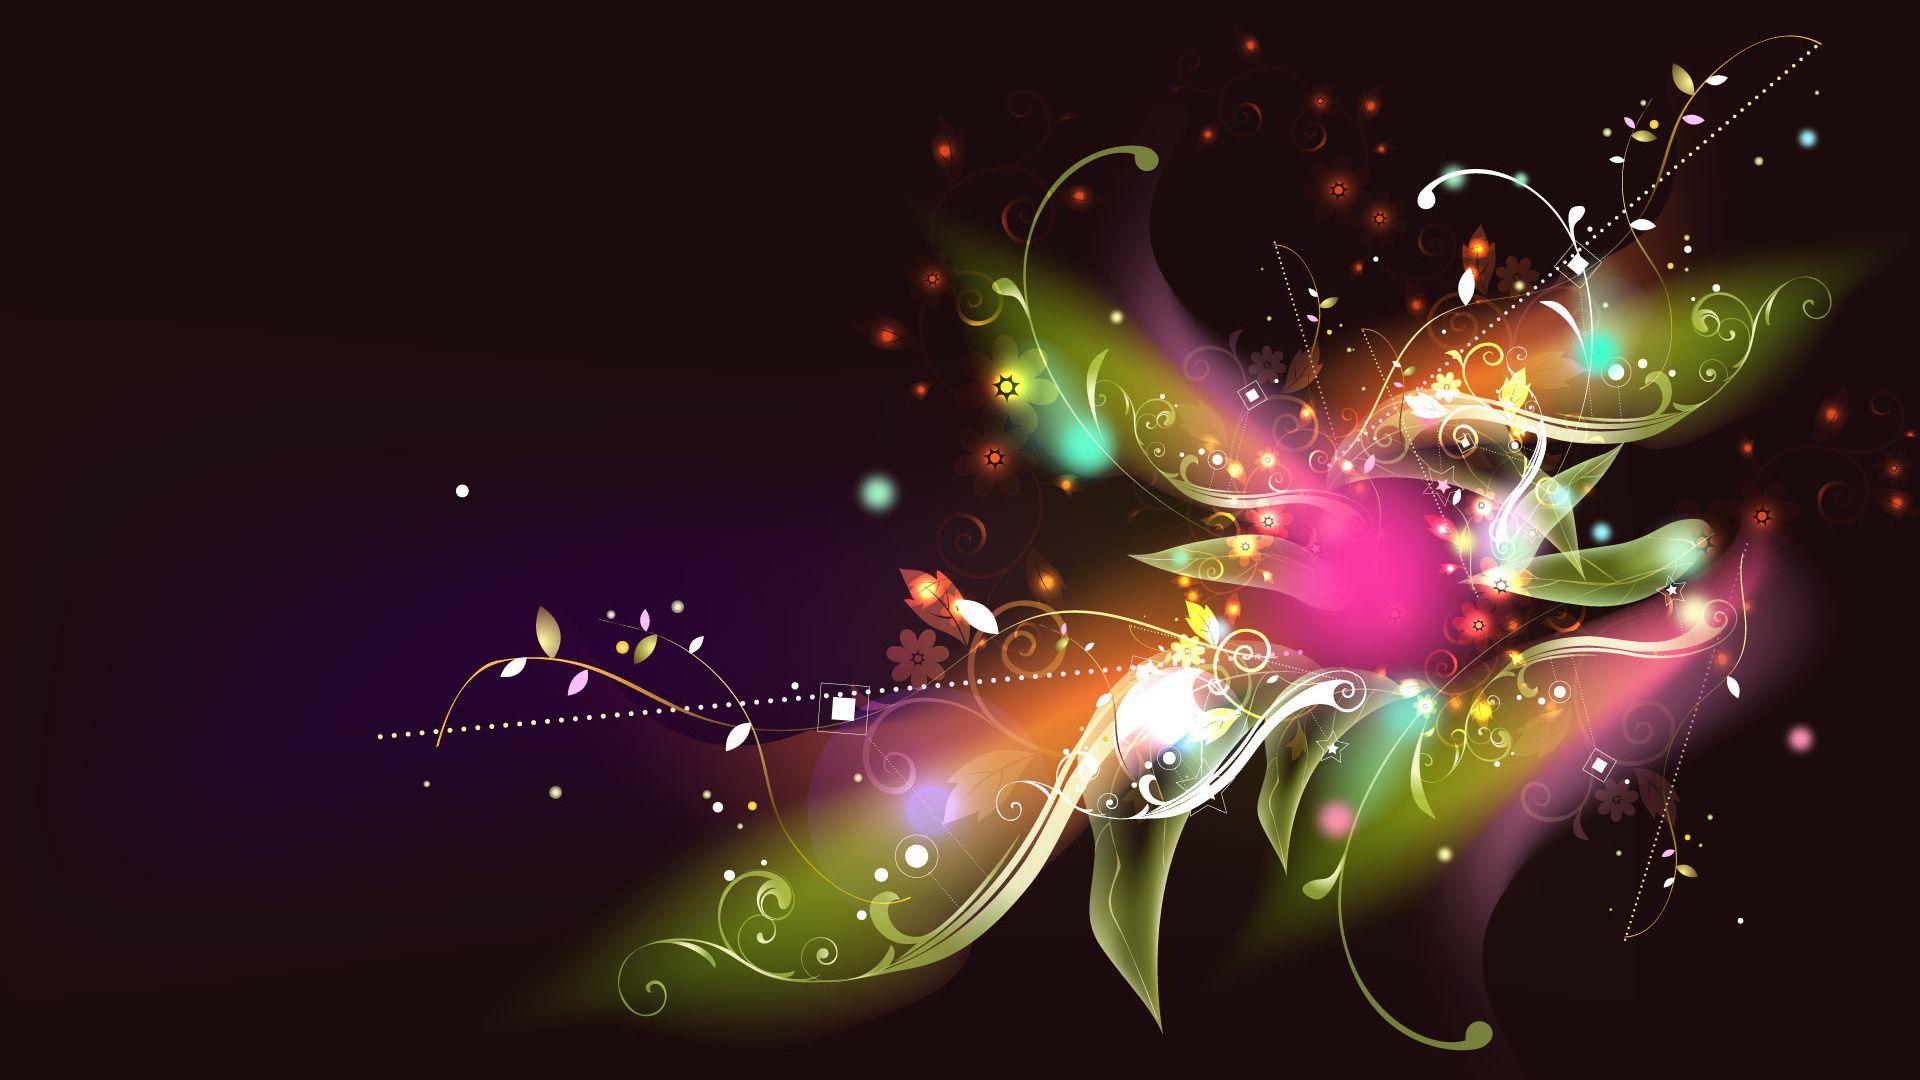 3d Flower Desktop Wallpaper Best Wallpaper Hd Abstract Wallpaper Flower Wallpaper Flower Desktop Wallpaper Coolest flower wallpapers hd